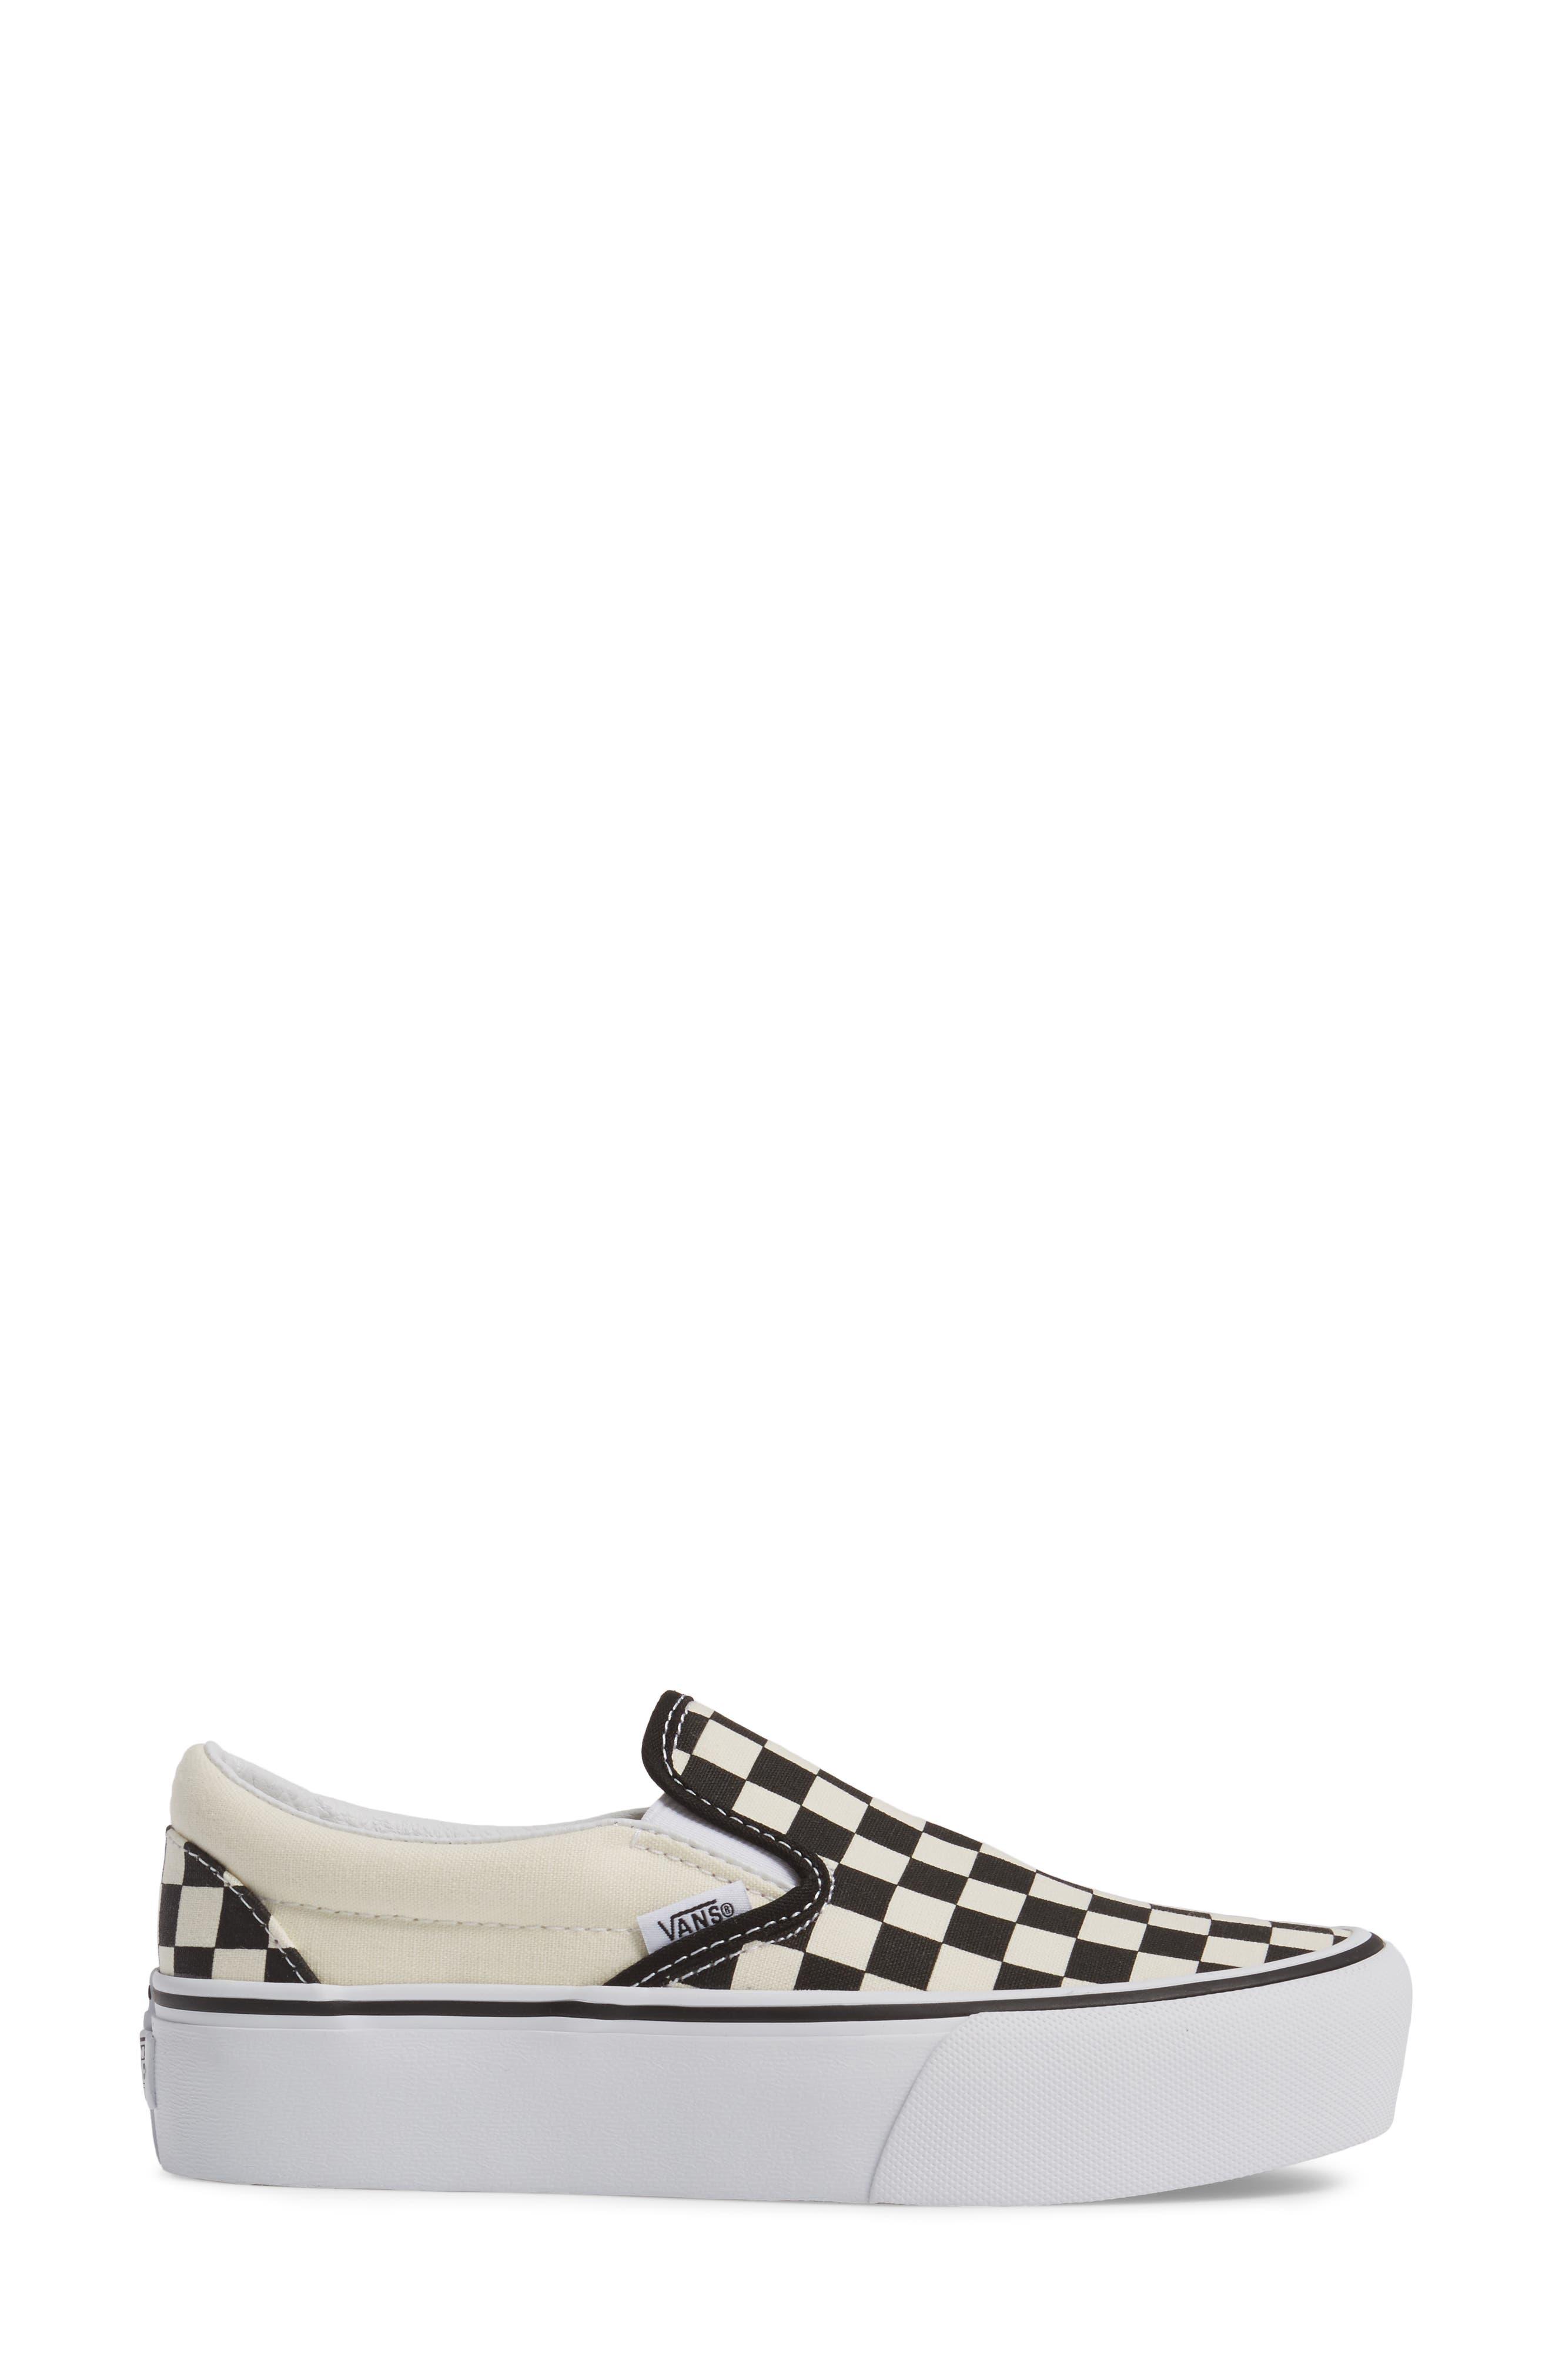 Platform Slip-On Sneaker,                             Alternate thumbnail 3, color,                             Black/ Black/ White